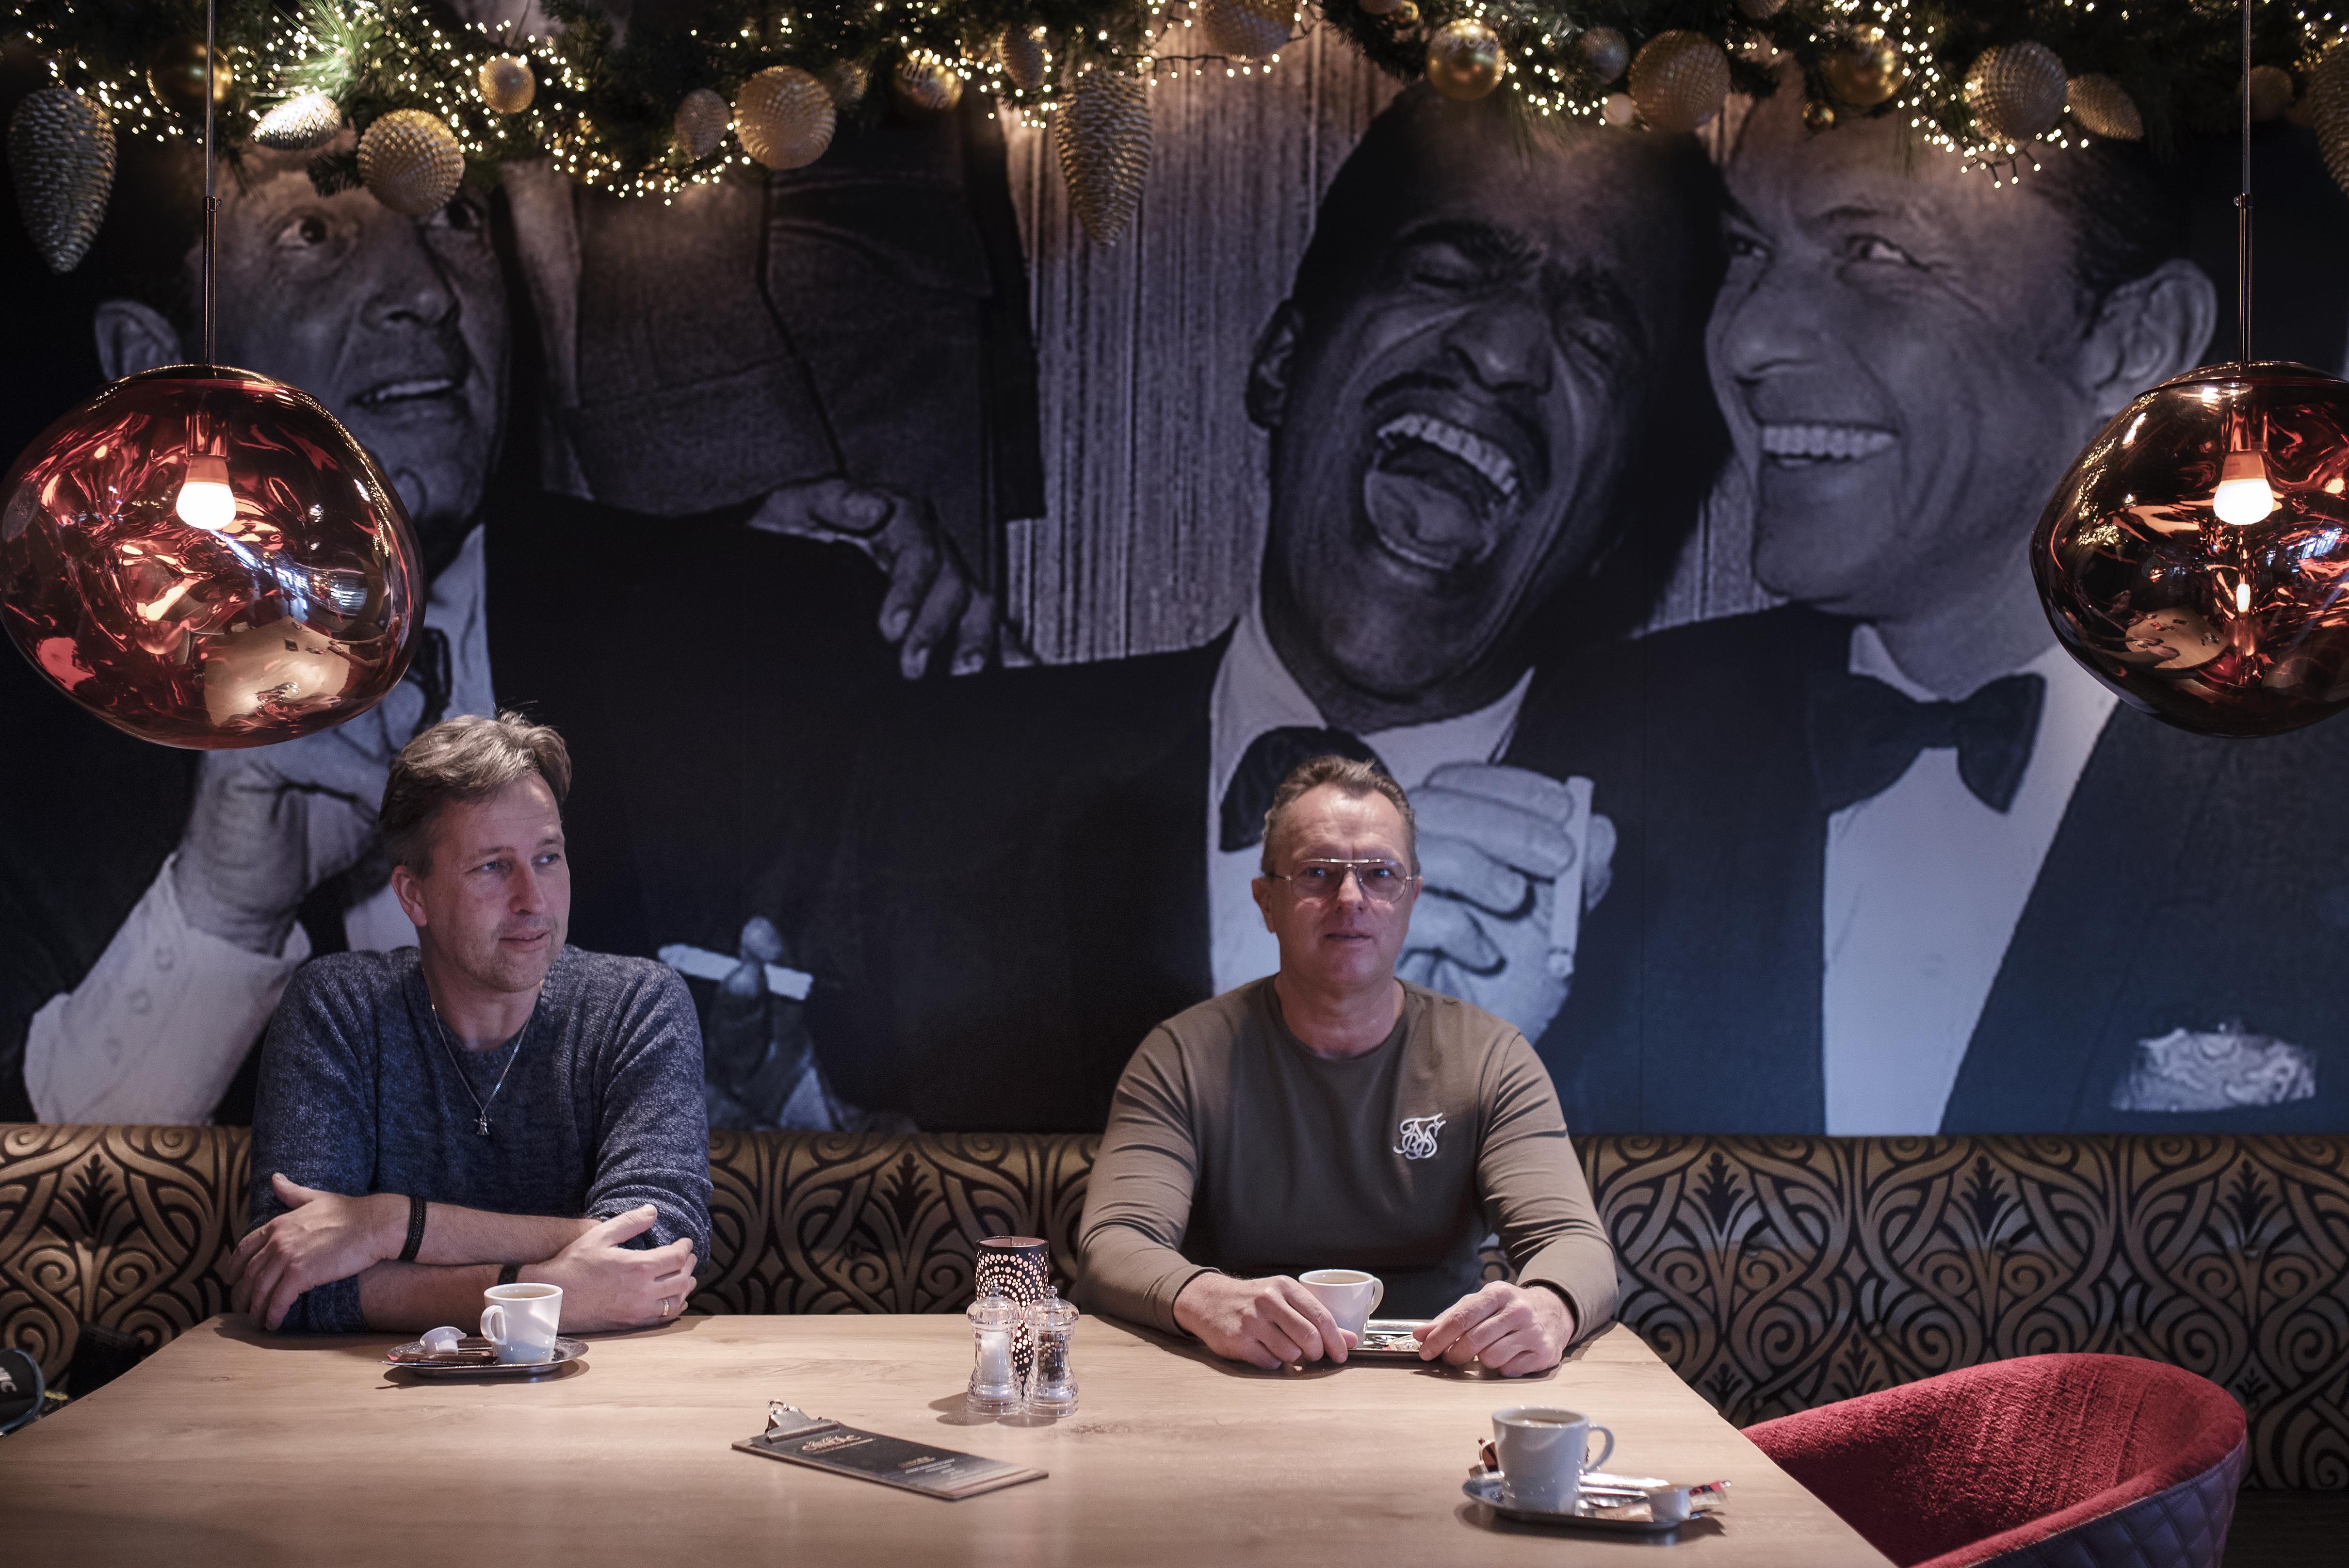 Familie Kluft van Cineworld in Beverwijk moest helft personeel laten gaan: 'Alsof we bijna een jaar op het strafbankje zitten'